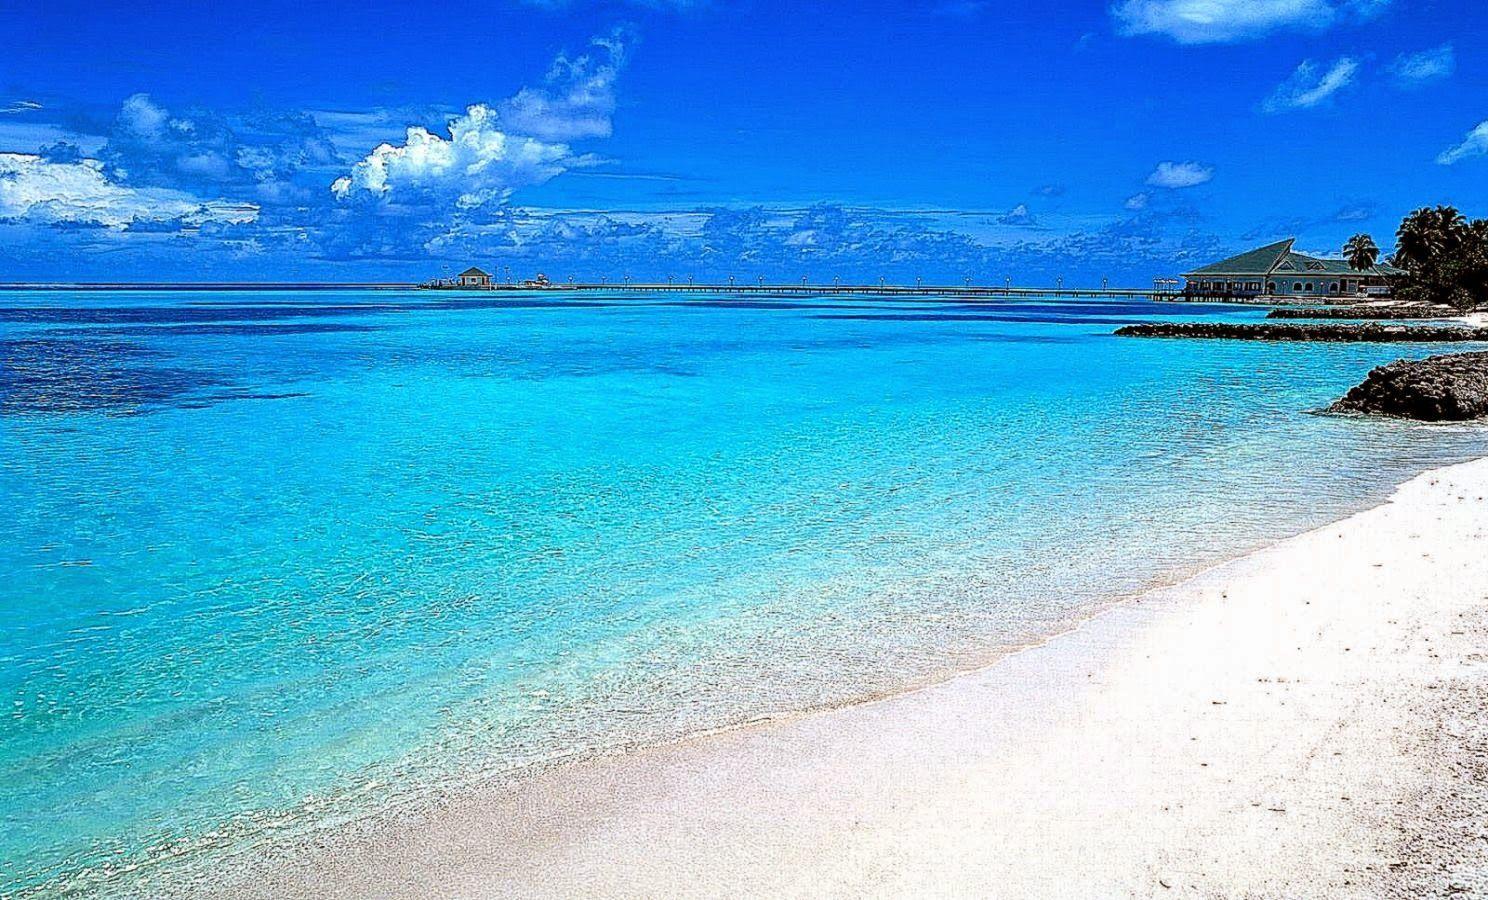 Free Download Beach Scenes Desktop Wallpapers Top Beach